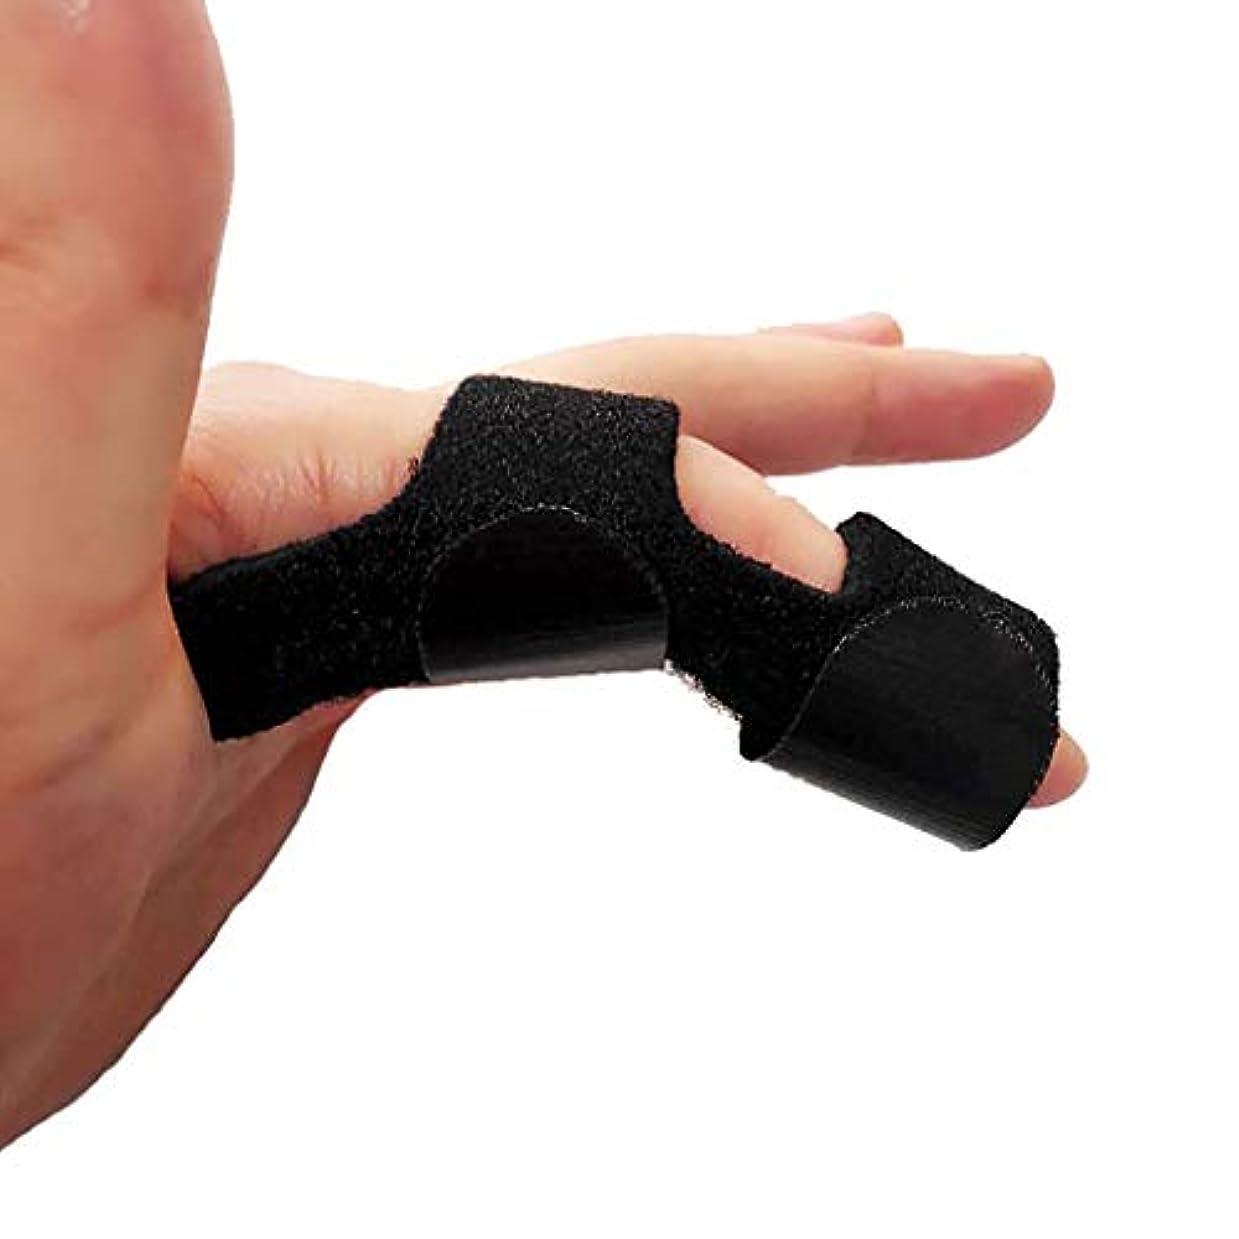 嵐フルートモンク引き金用フィンガーエクステンションスプリントフィンガーマレットフィンガーナックル固定フィンガー骨折創傷術後ケアと痛み緩和フィンガースプリント,黒